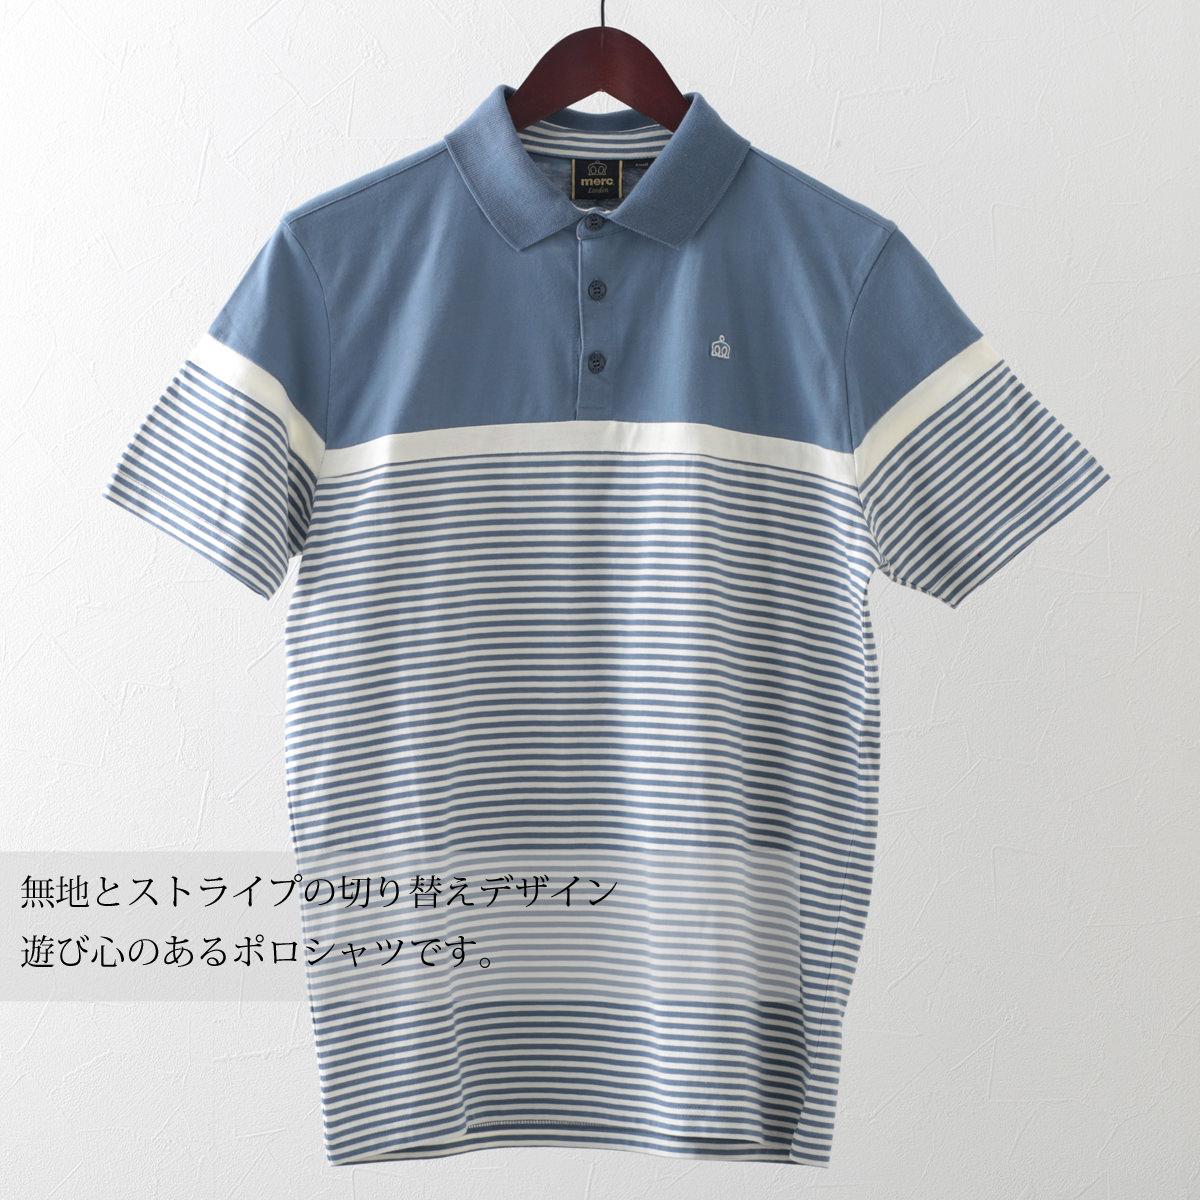 メルクロンドン メンズ ポロシャツ ポロ ストライプ 切替 2色 ブラック スレートブルー Merc London モッズファッション